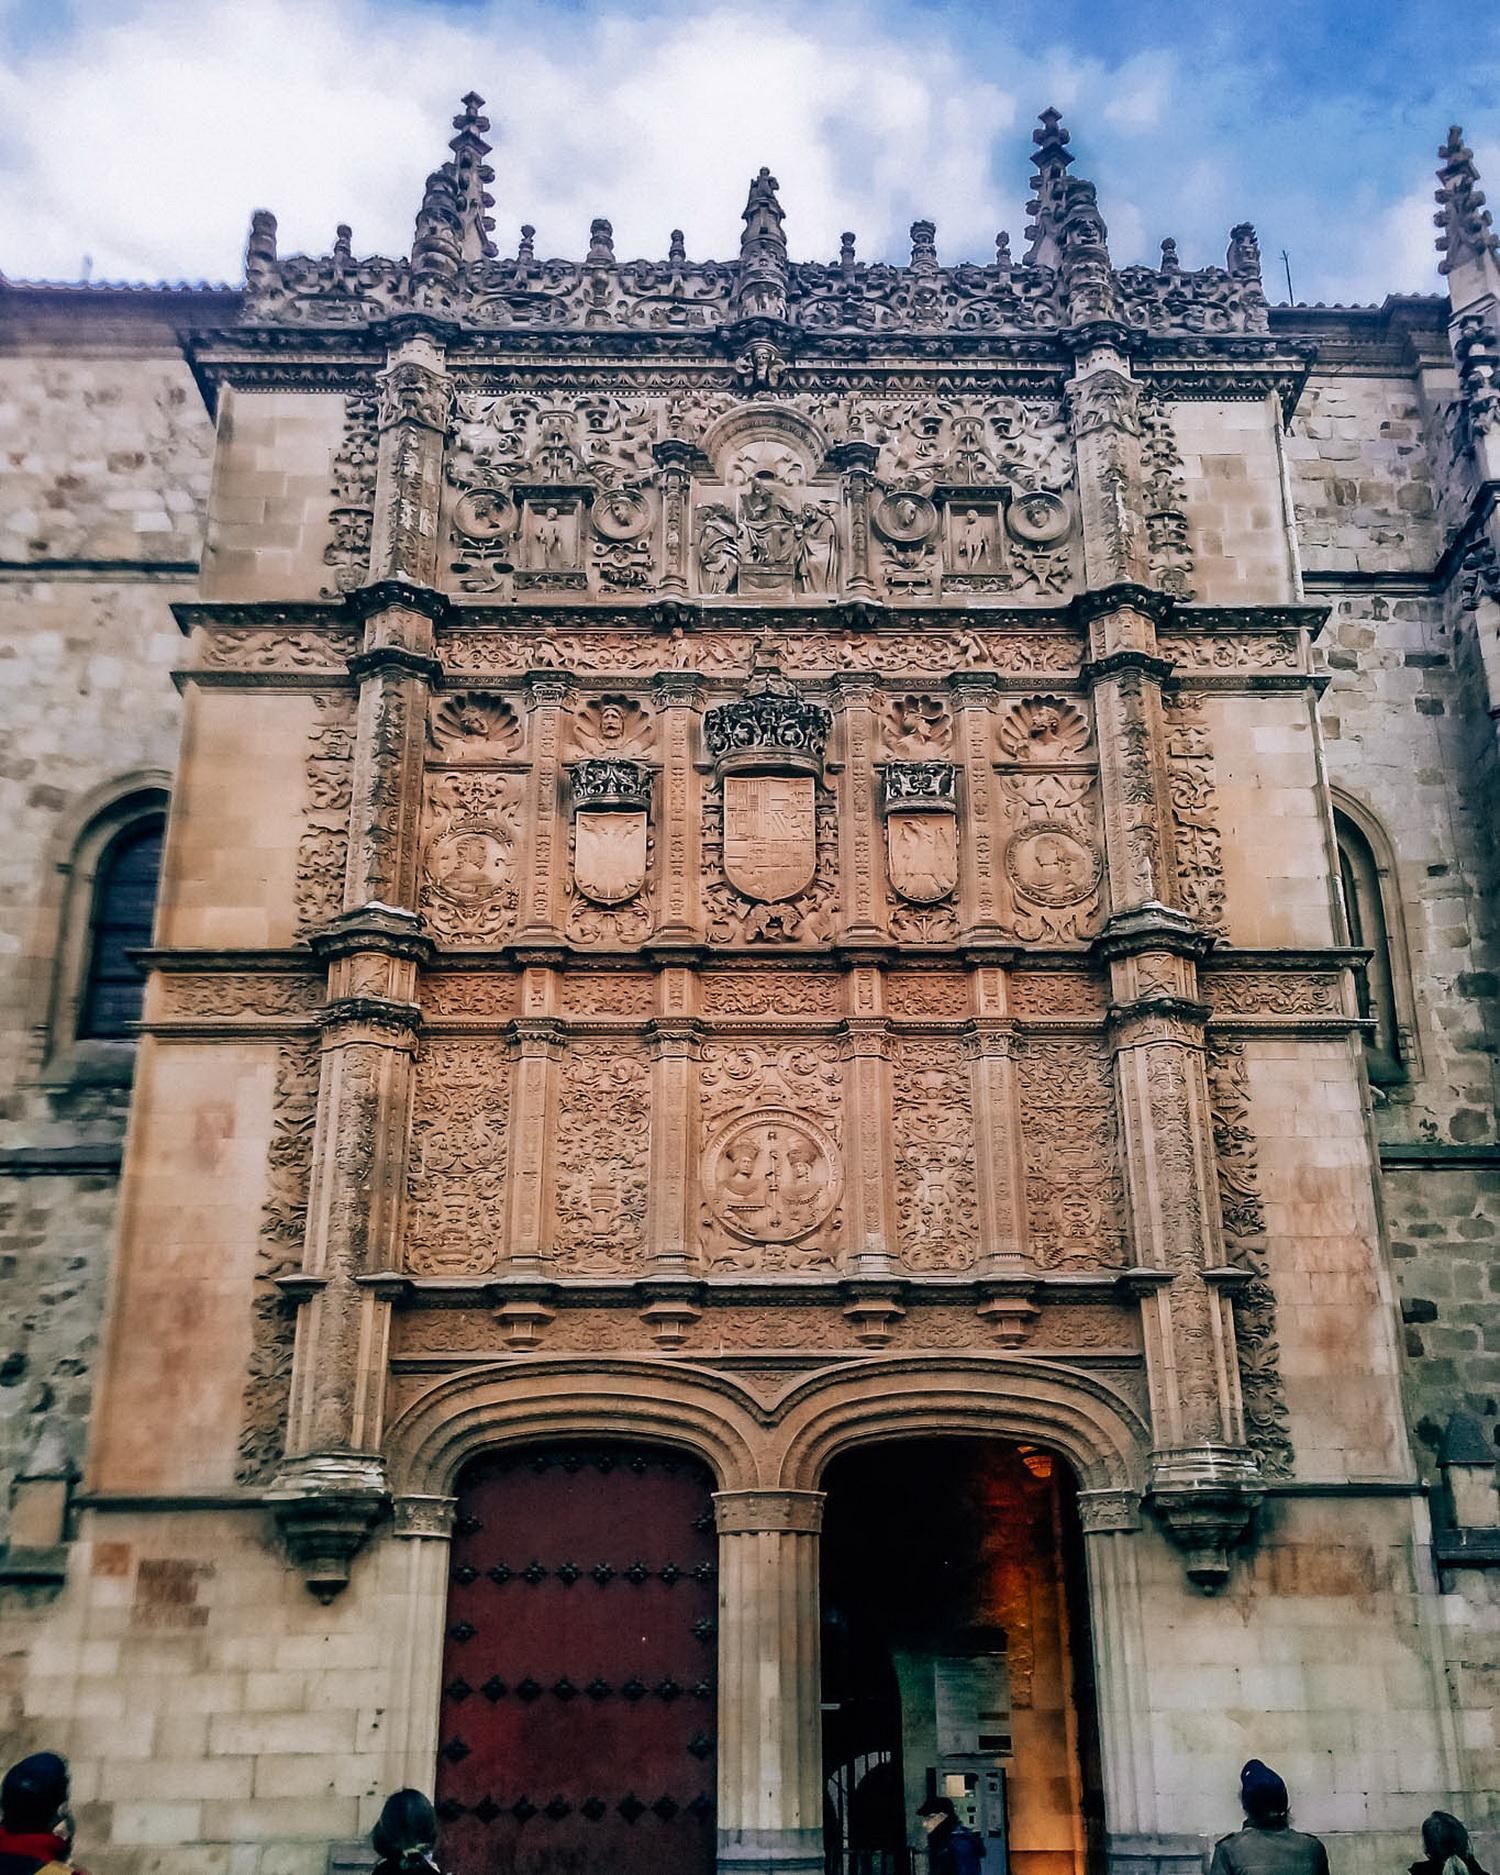 Spania_Salamanca_UniversidadSalamanca